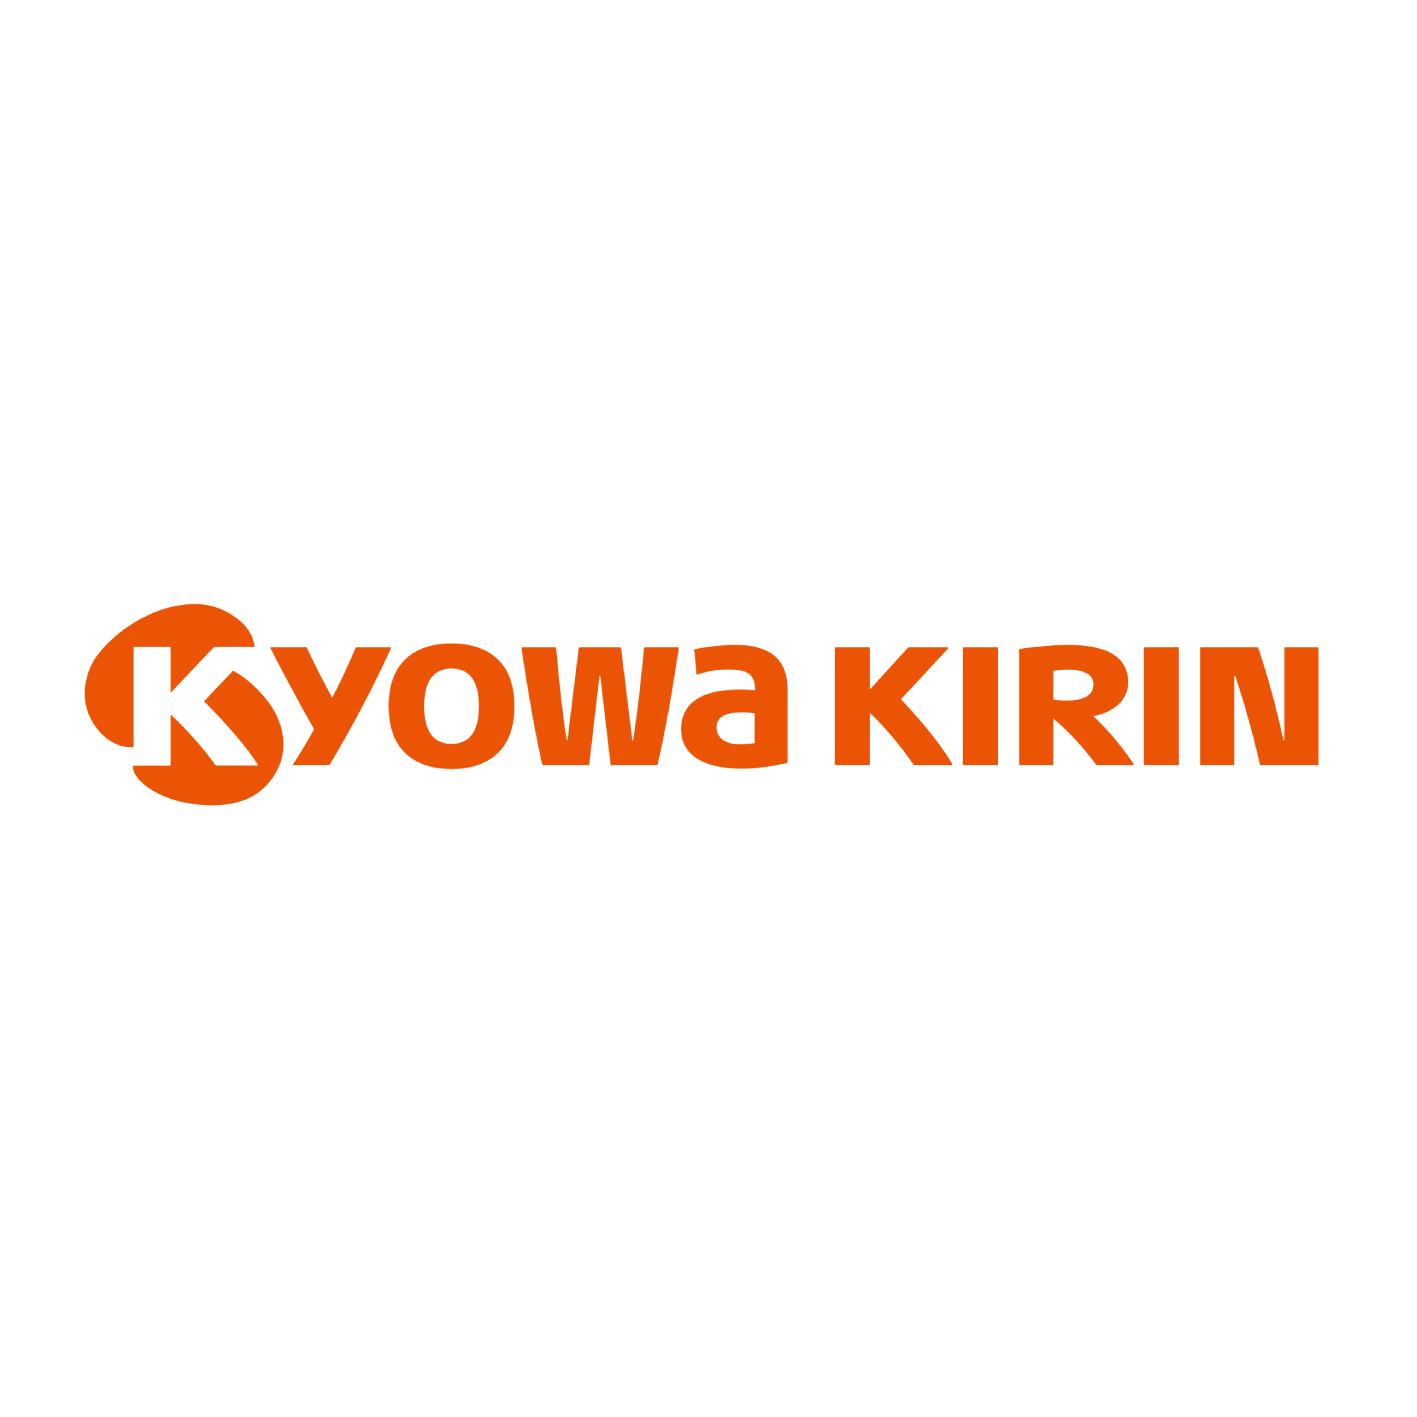 協和キリン株式会社